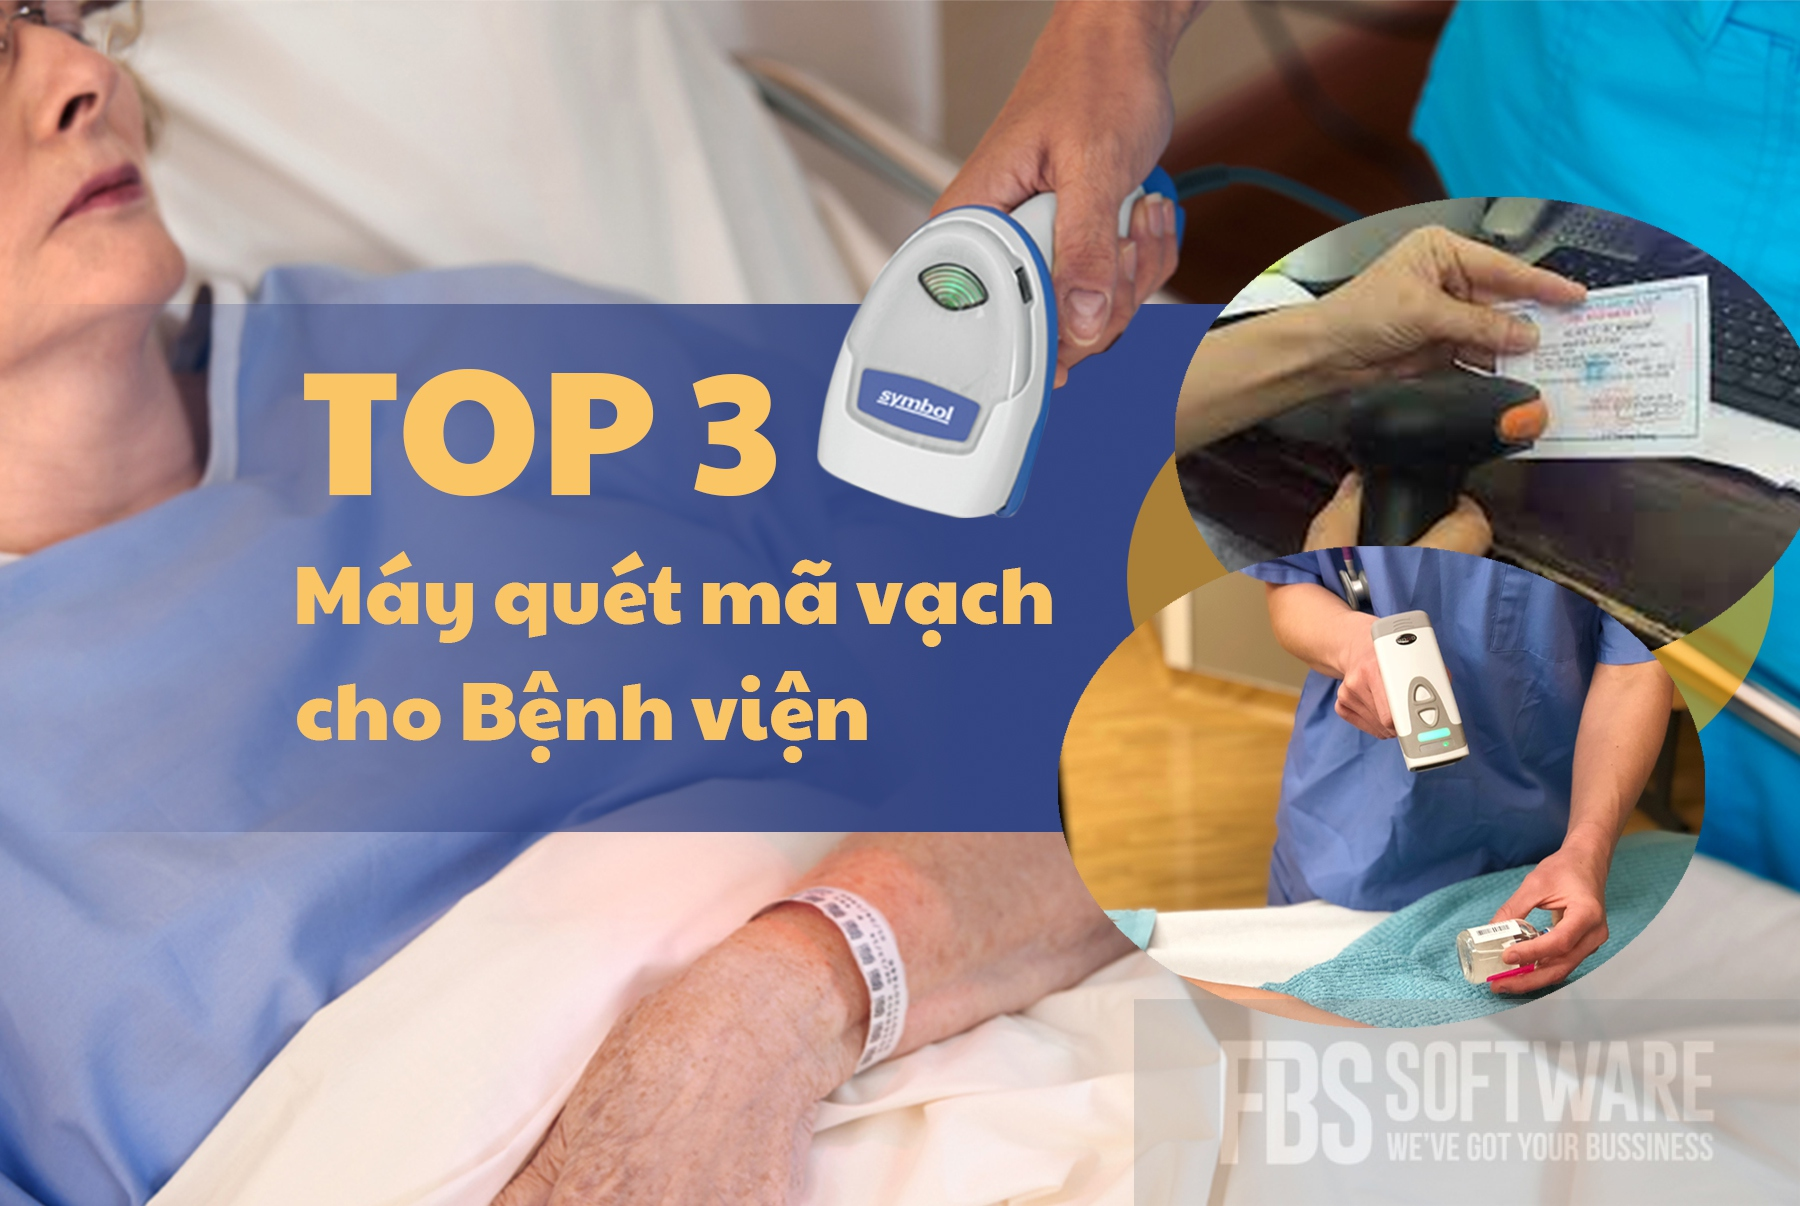 Top 3 Máy quét mã vạch cho Bệnh viện tại FBS thietbibanle.com